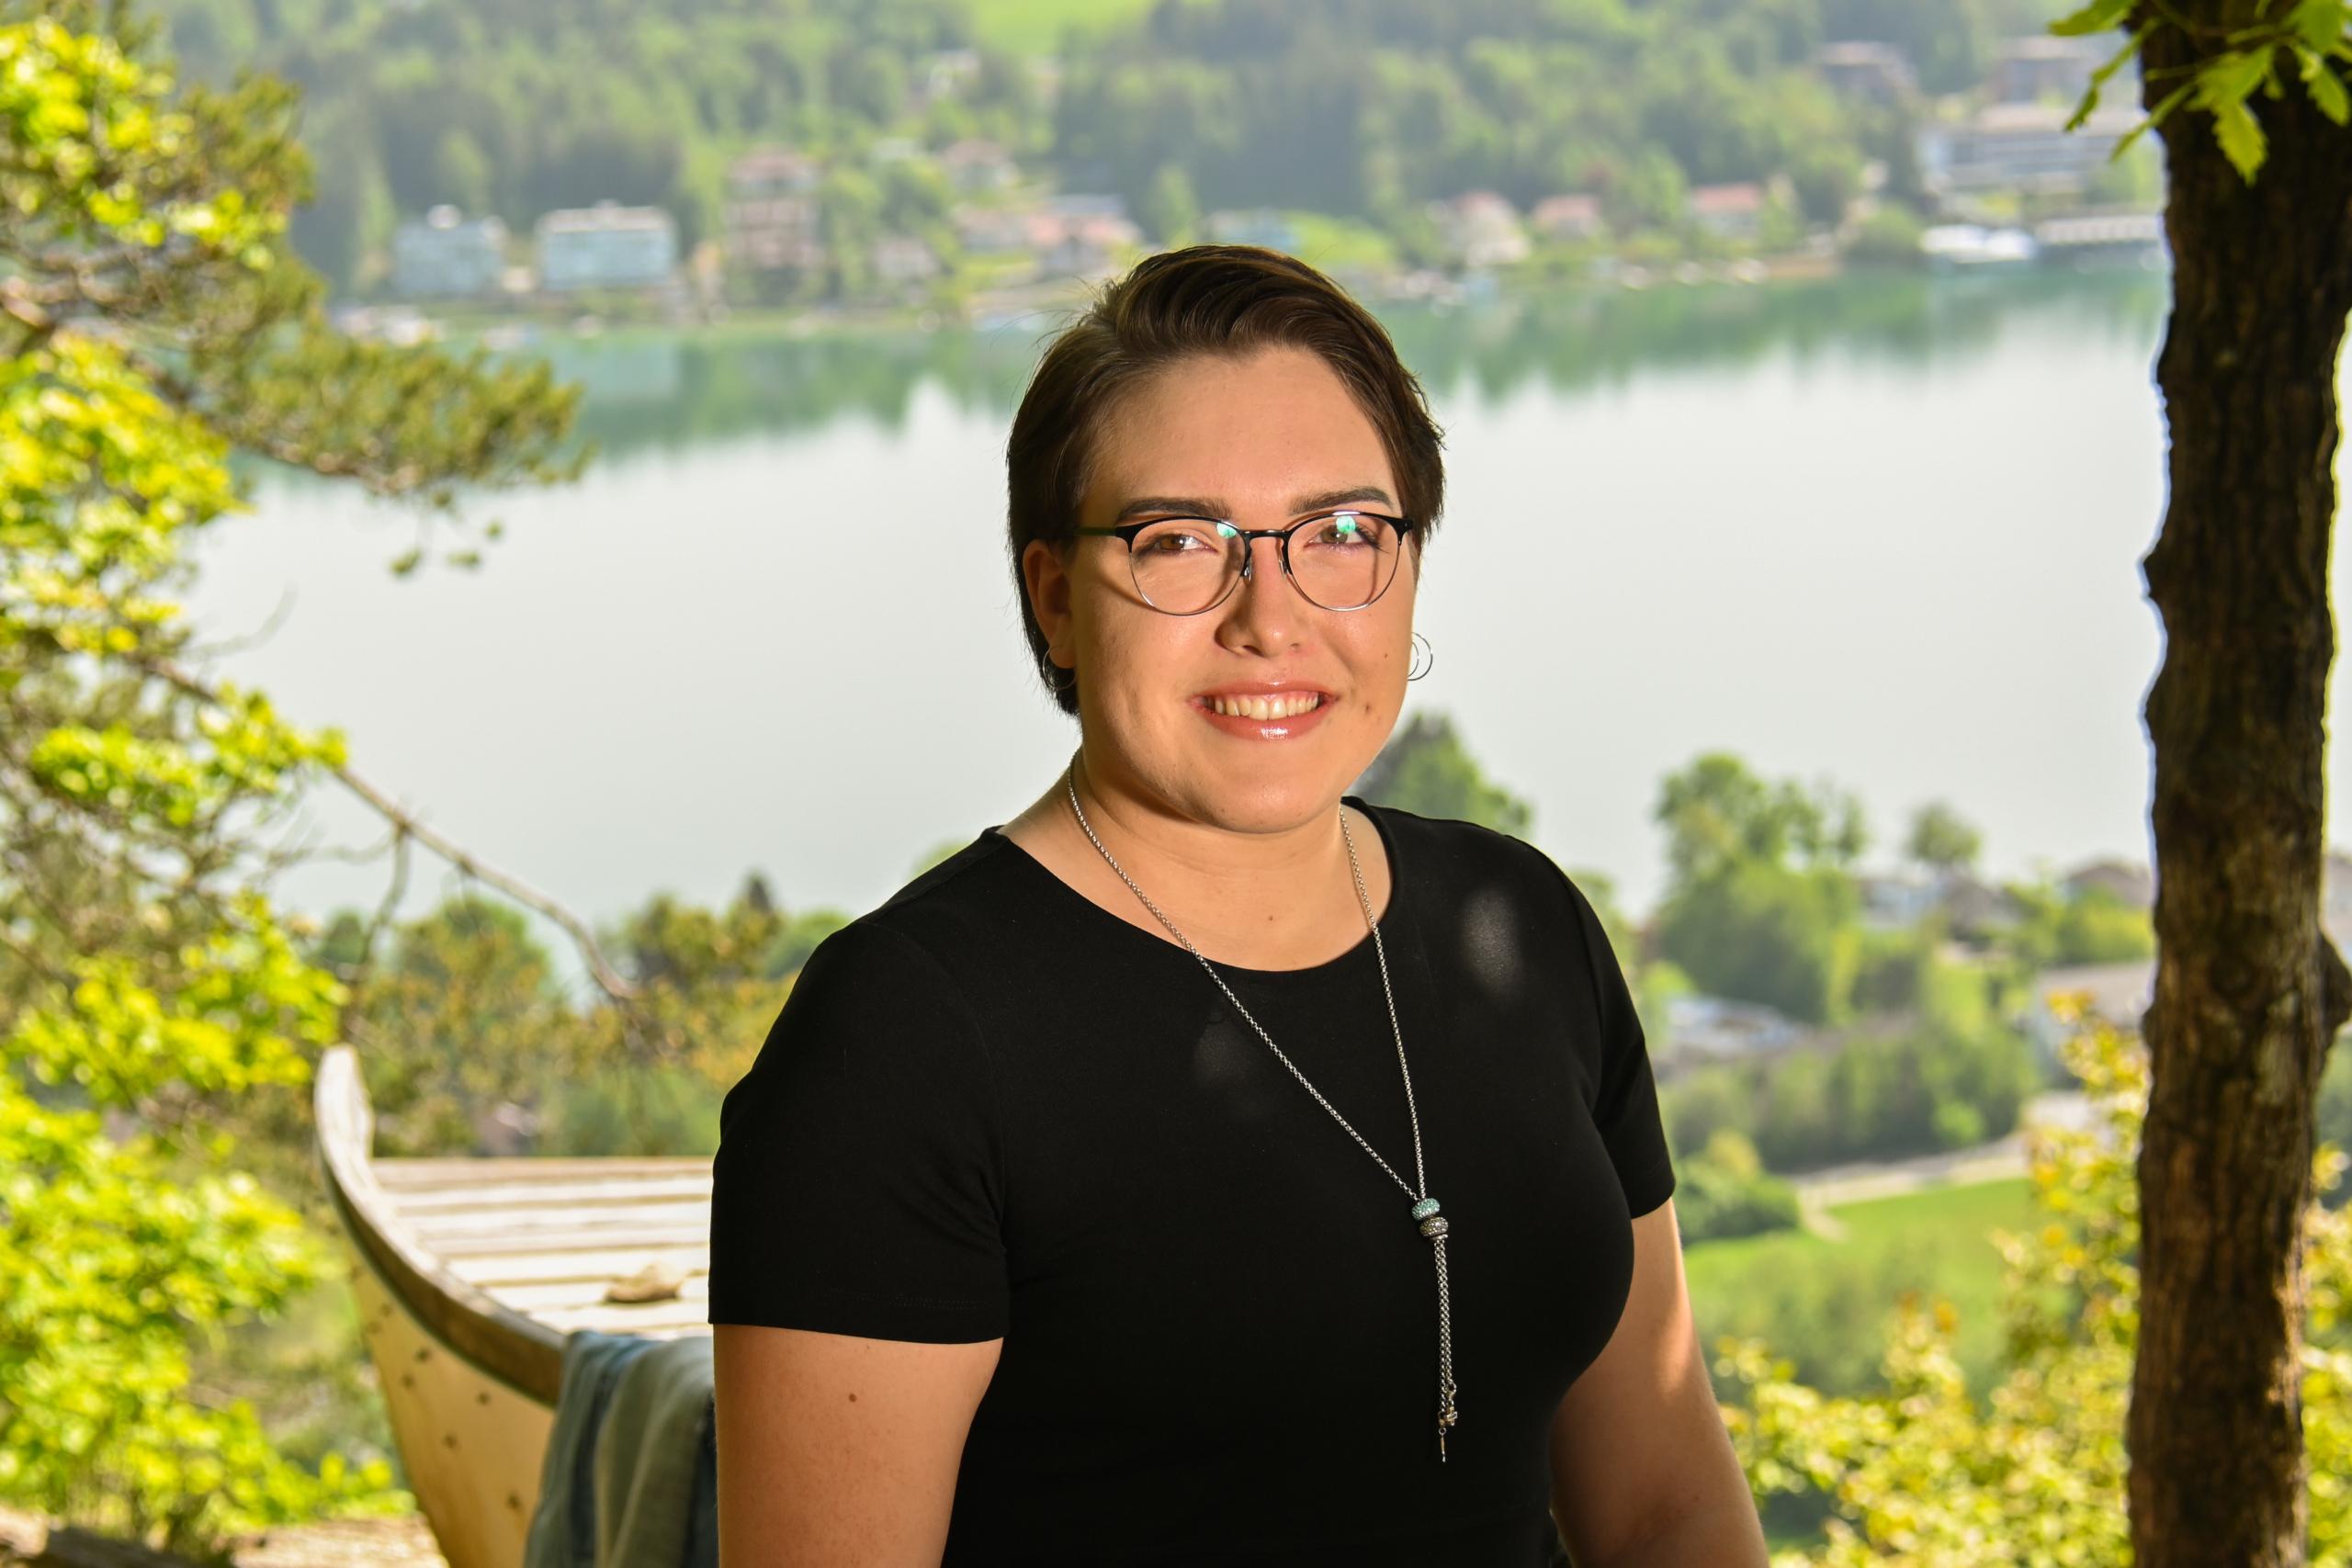 Judith Zedrosser